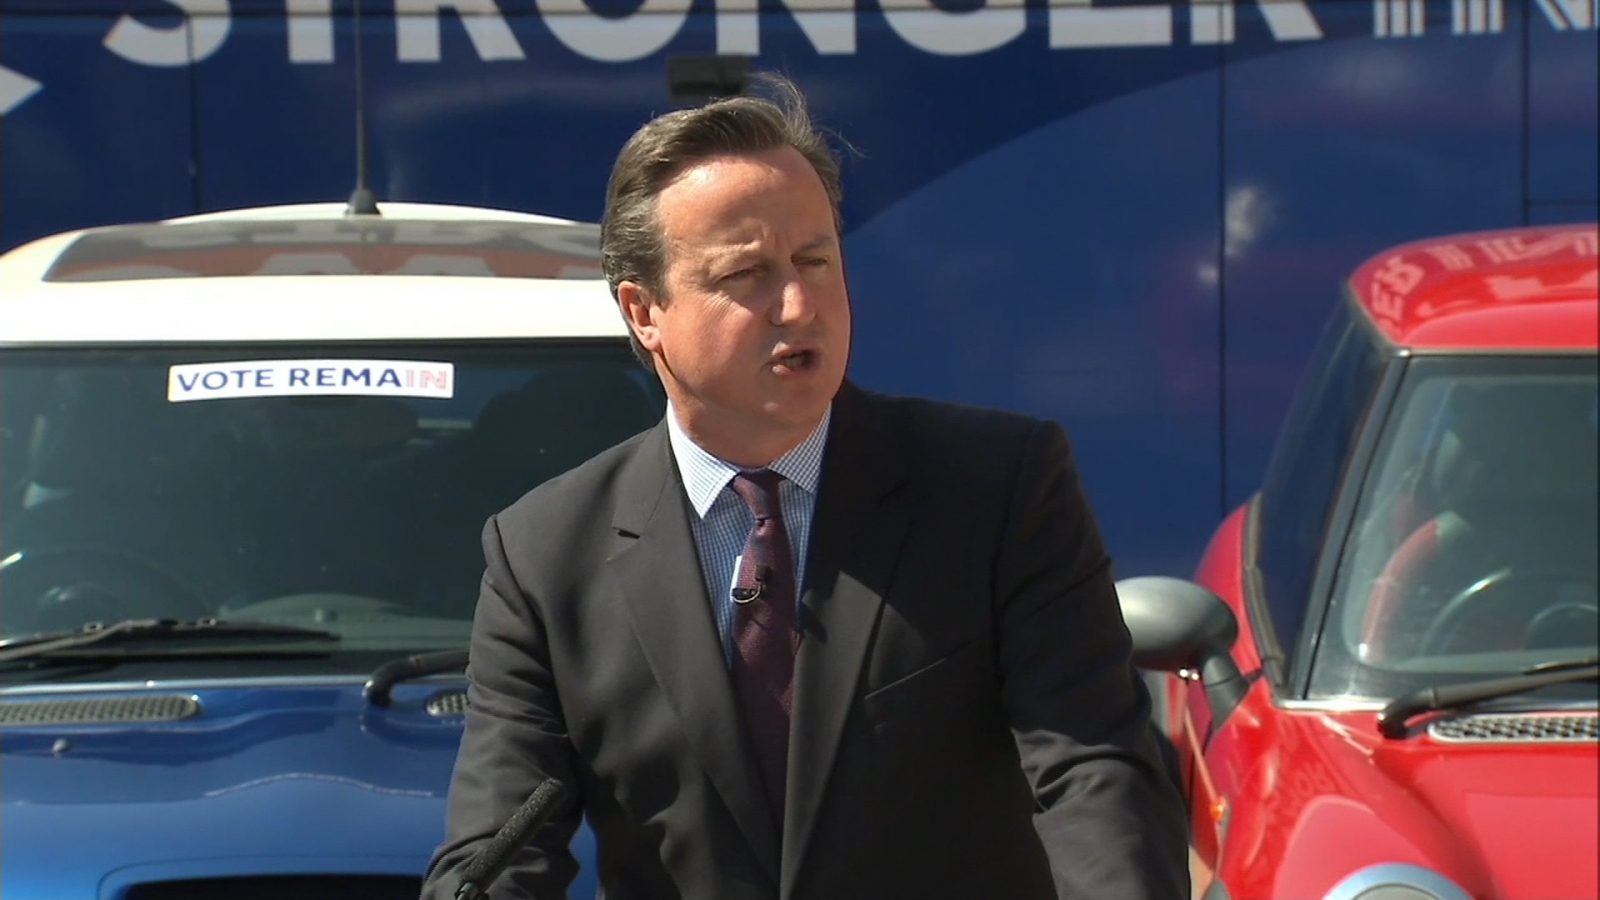 David Cameron attacks the Leave campaign